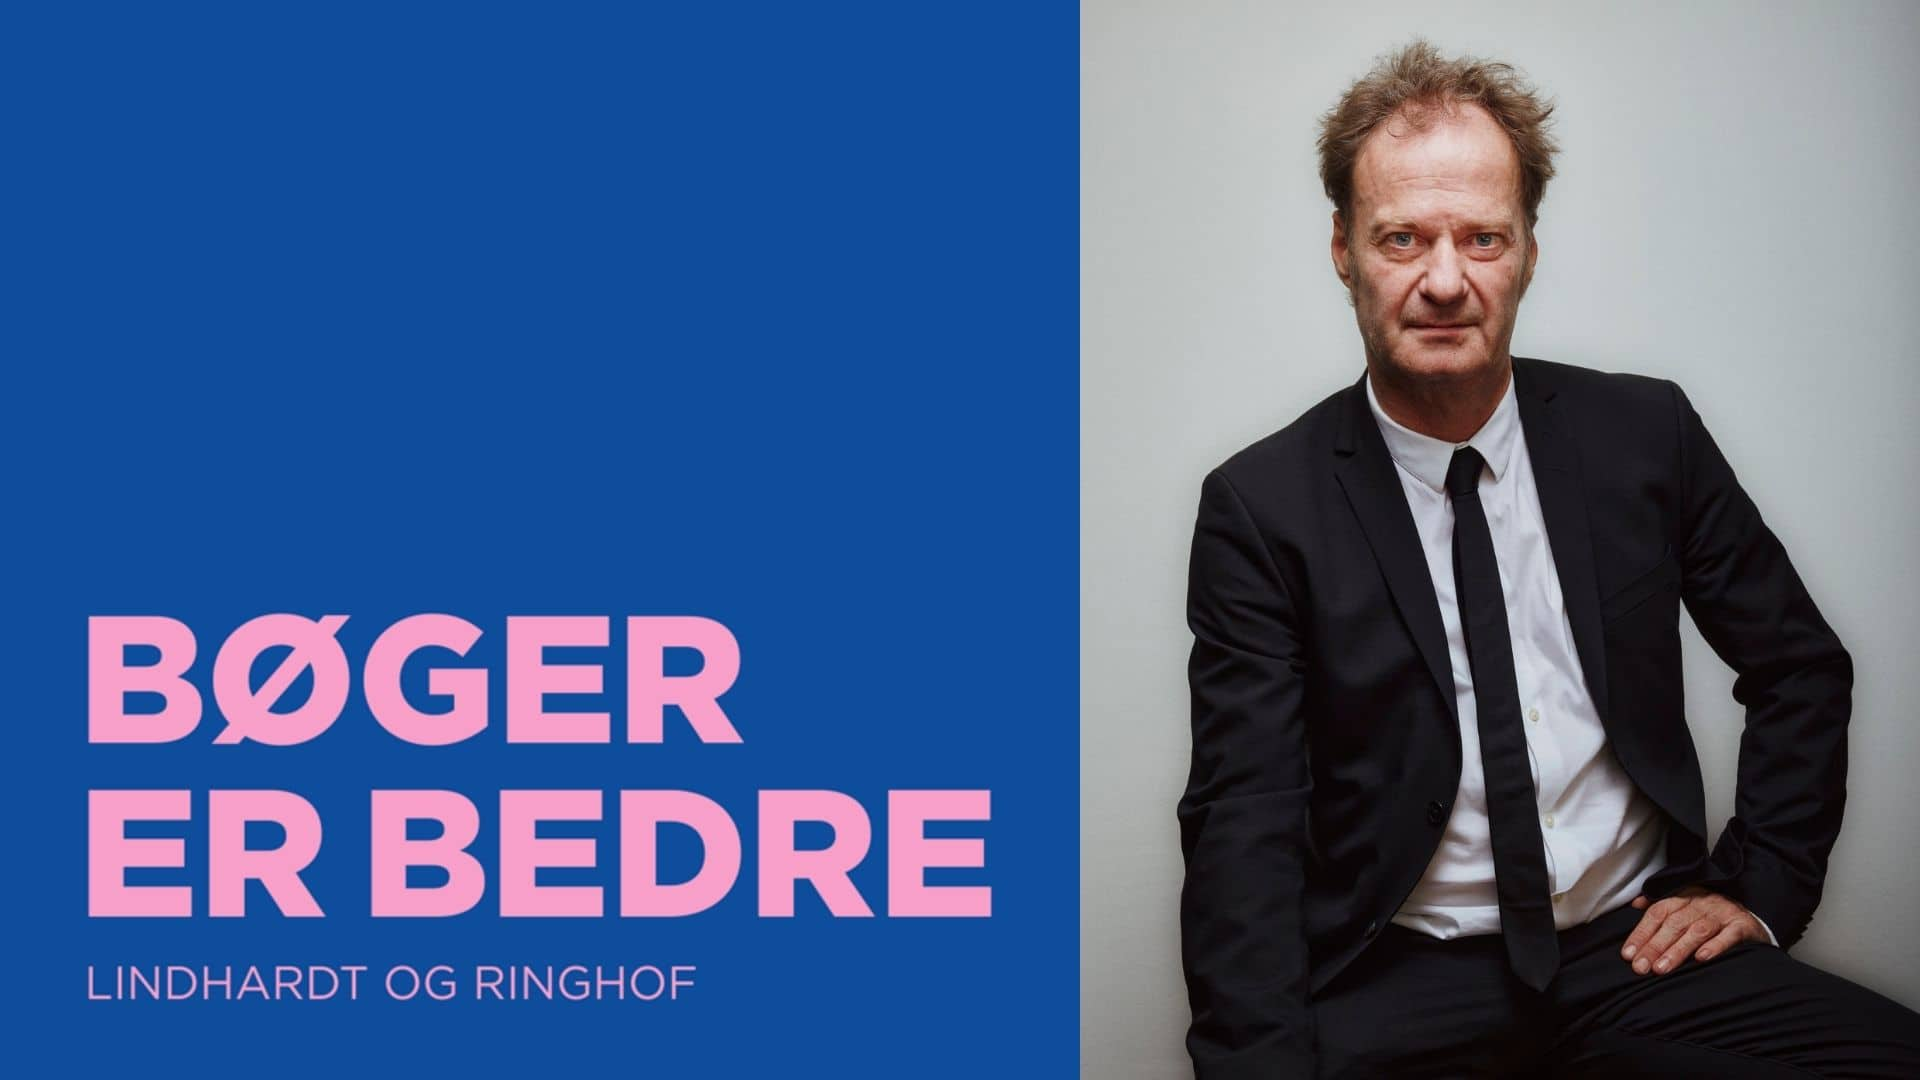 lindhardt og ringhofs 50-års jubilæum, lindhardt og ringhof, knud romer